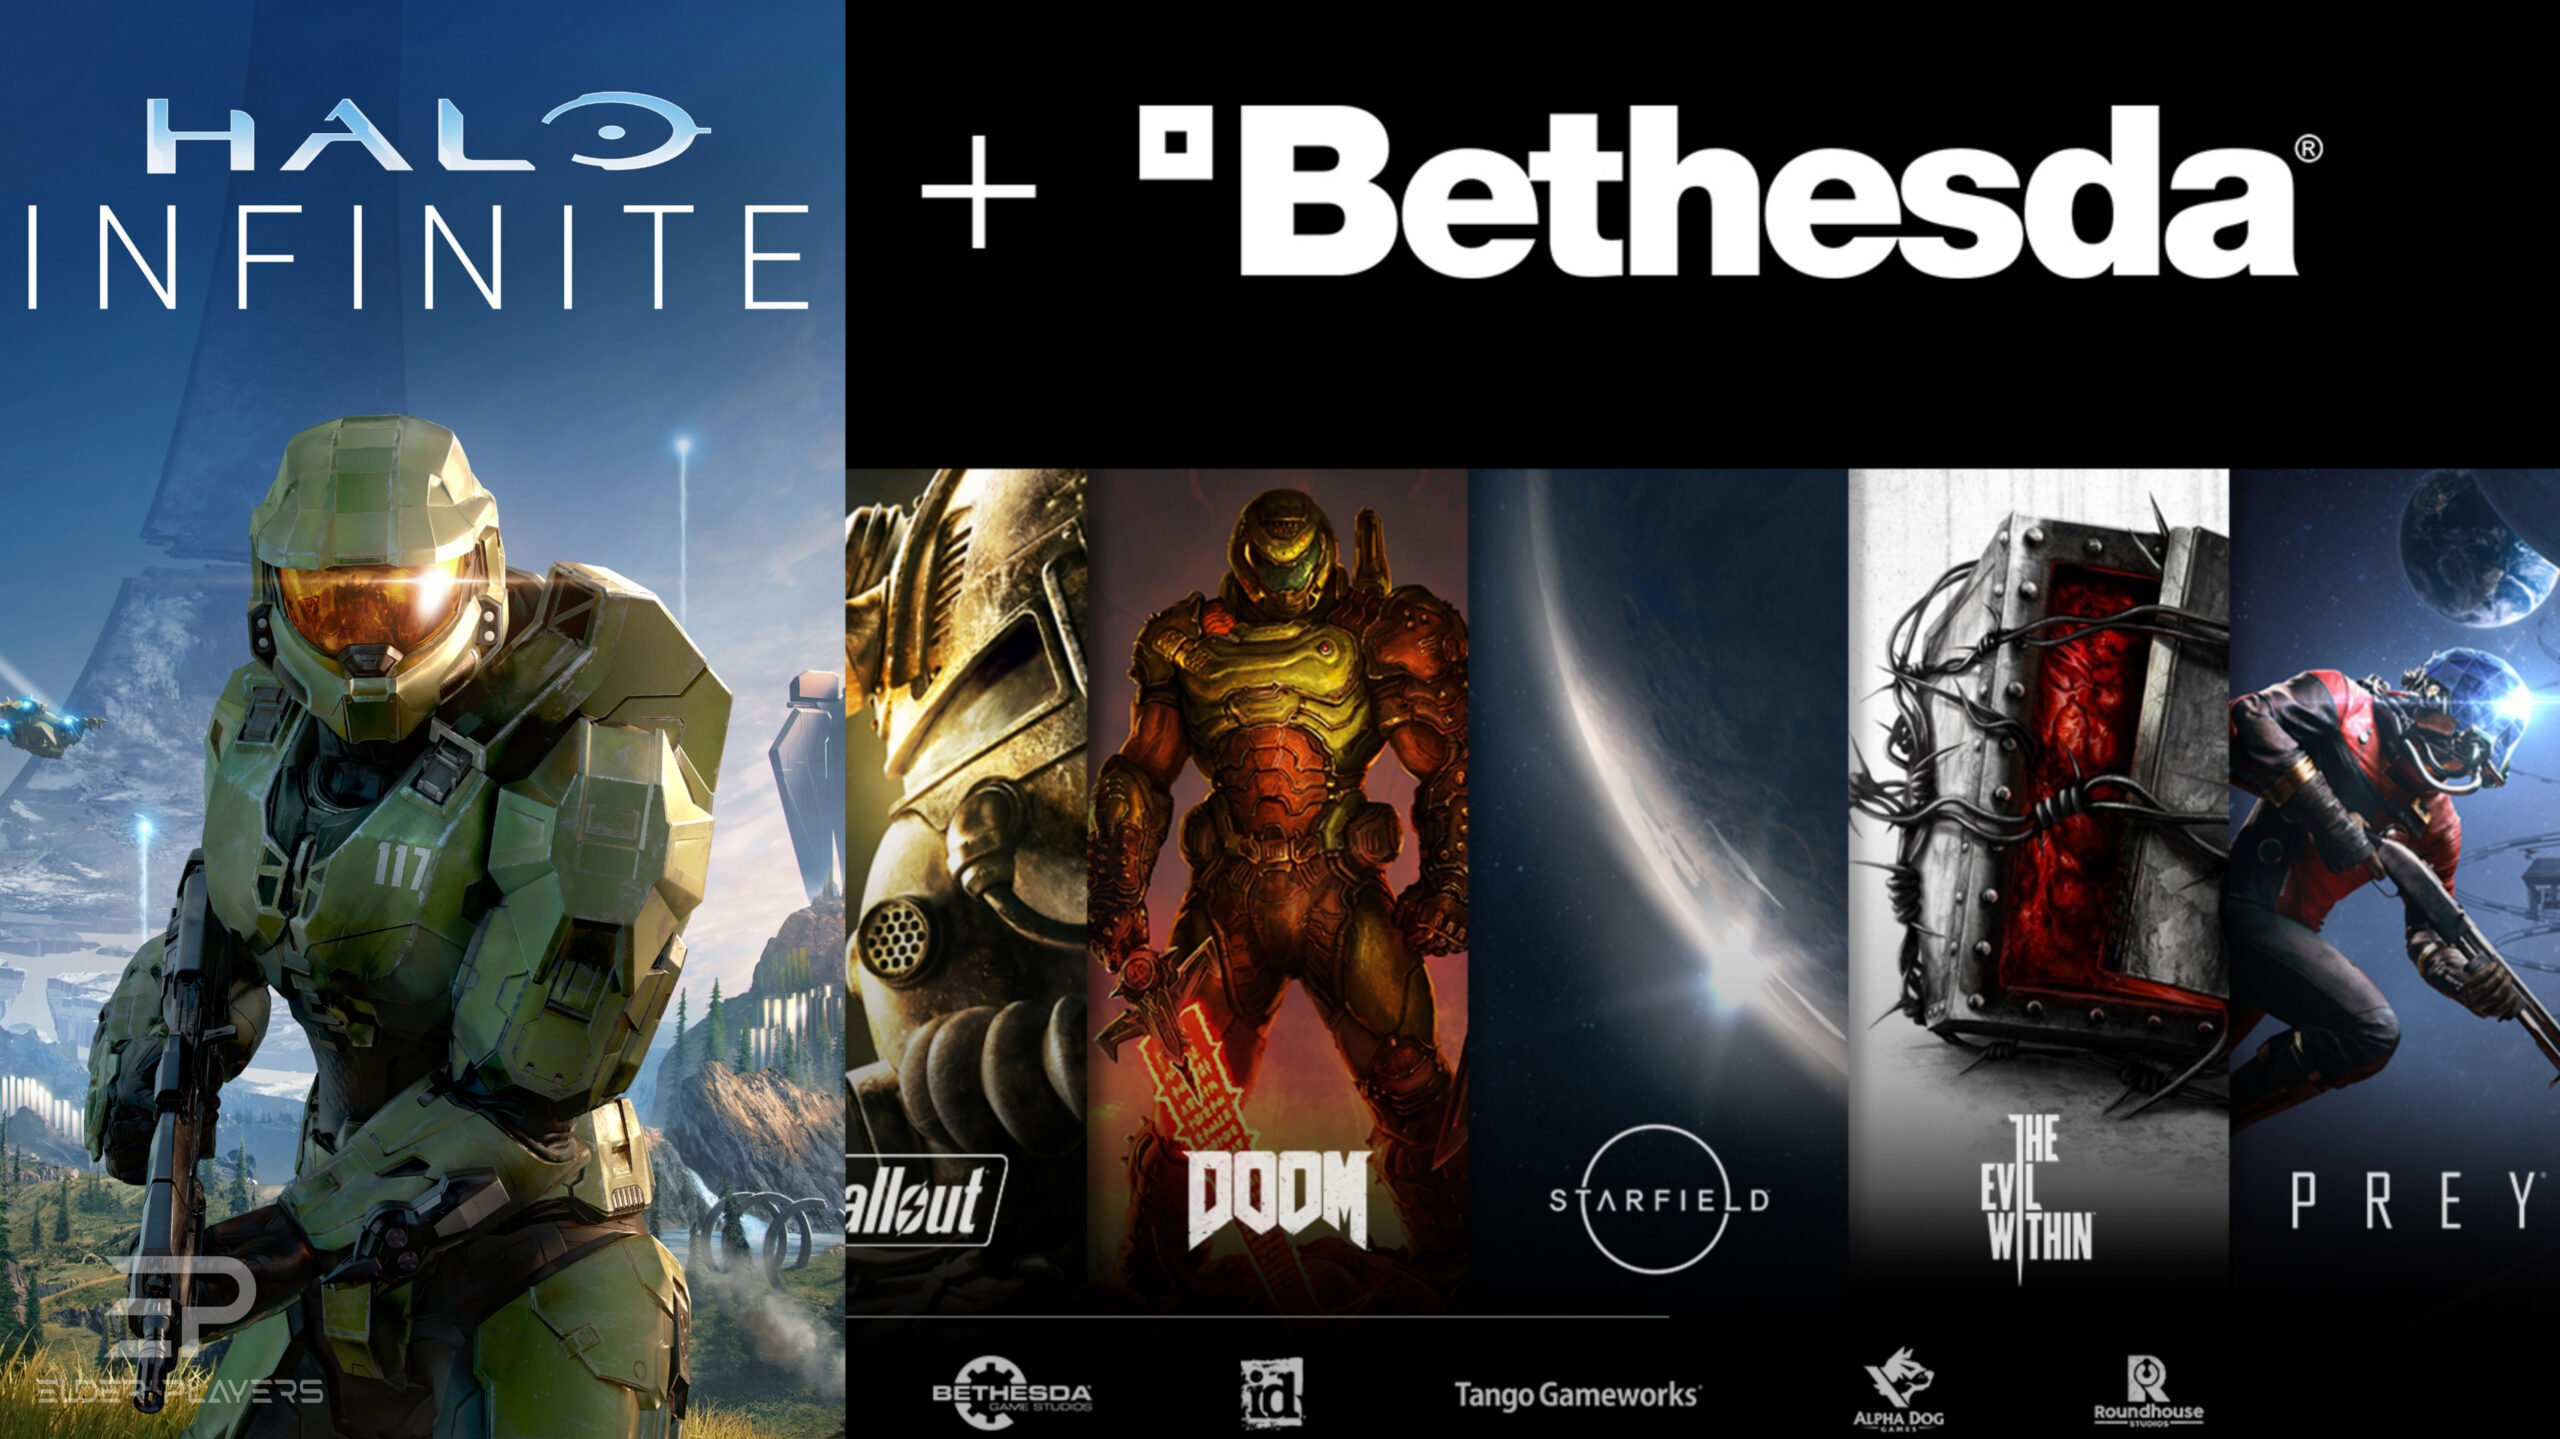 19b6b1587b4df02b983561d5a86b78dc - لعبة Halo Infinite ليست اللعبة الوحيدة من Xbox بالنصف الثاني من 2021، والتركيز على Bethesda